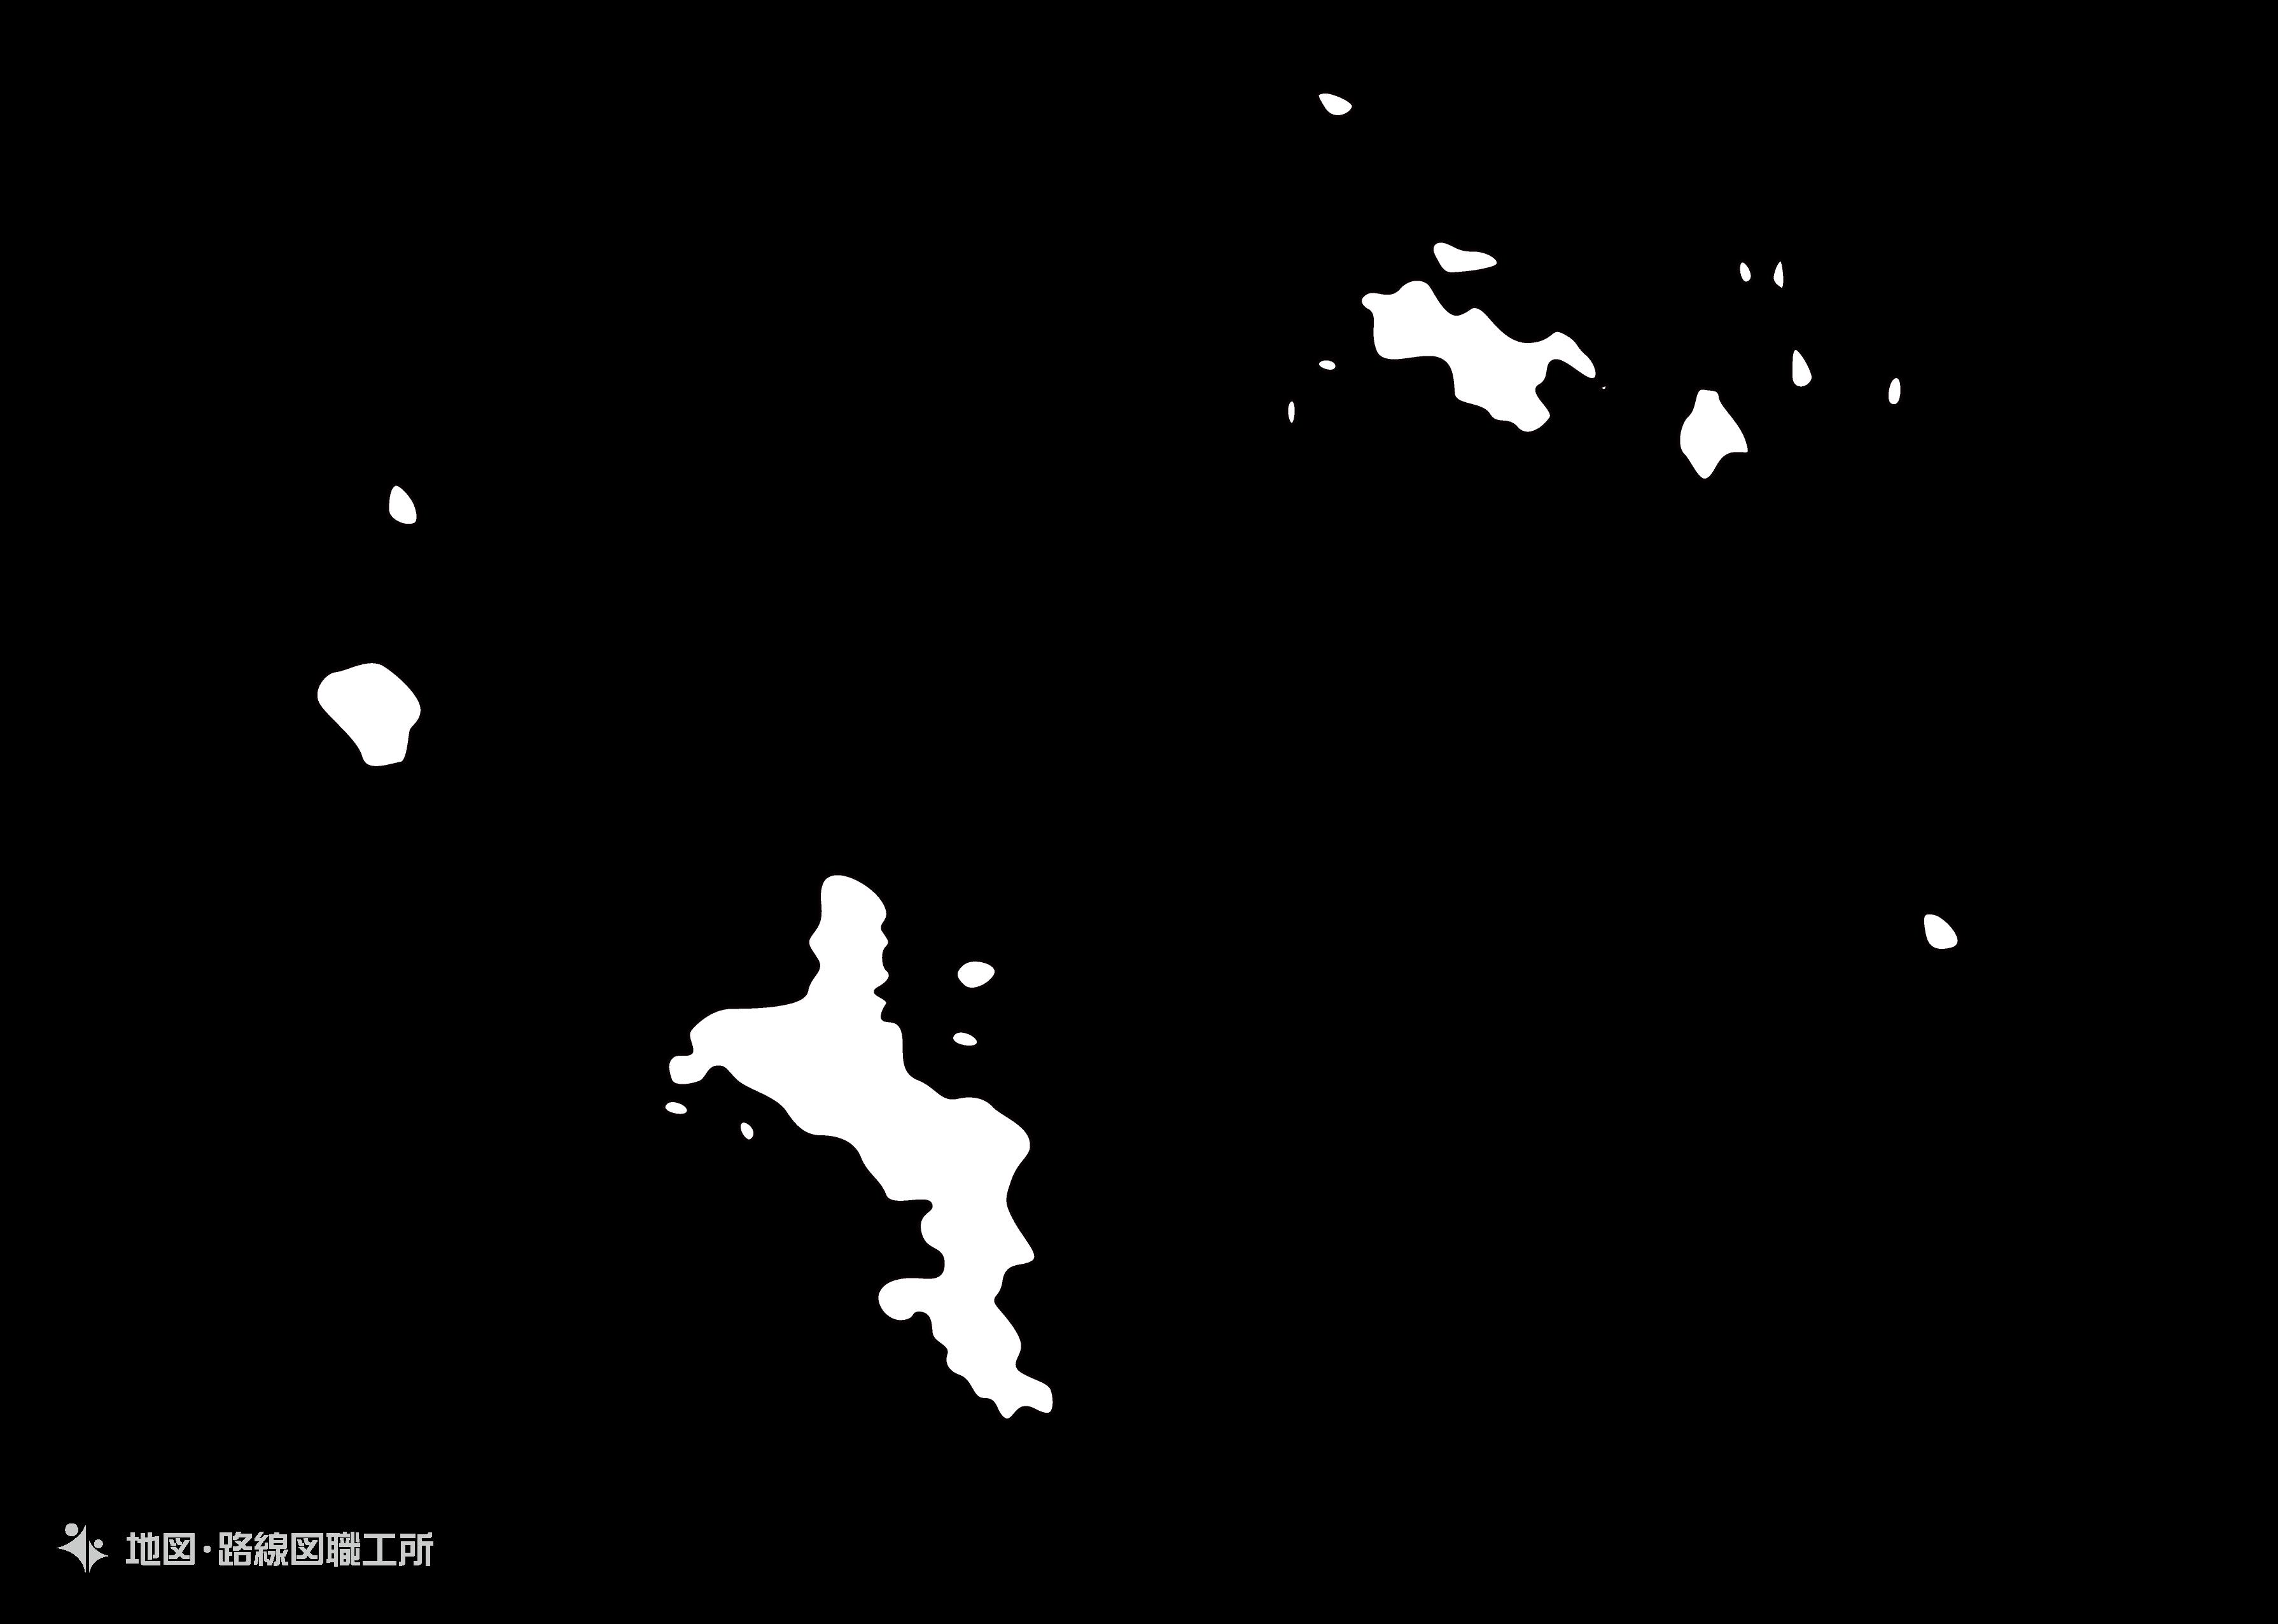 世界の白地図 セーシェル共和国 republic-of-seychelles map